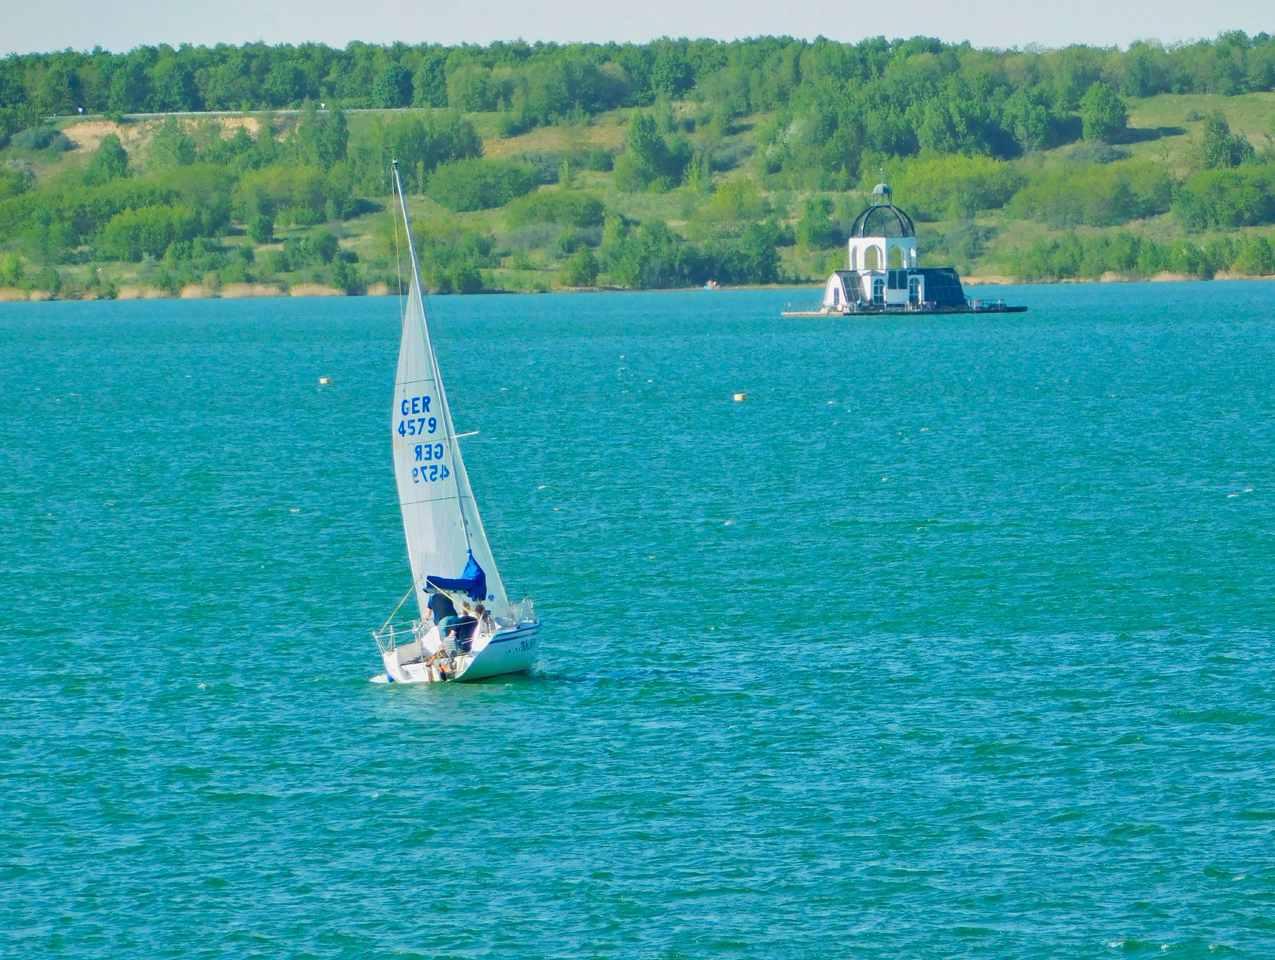 Segelschiff auf dem Weg zur Vineta